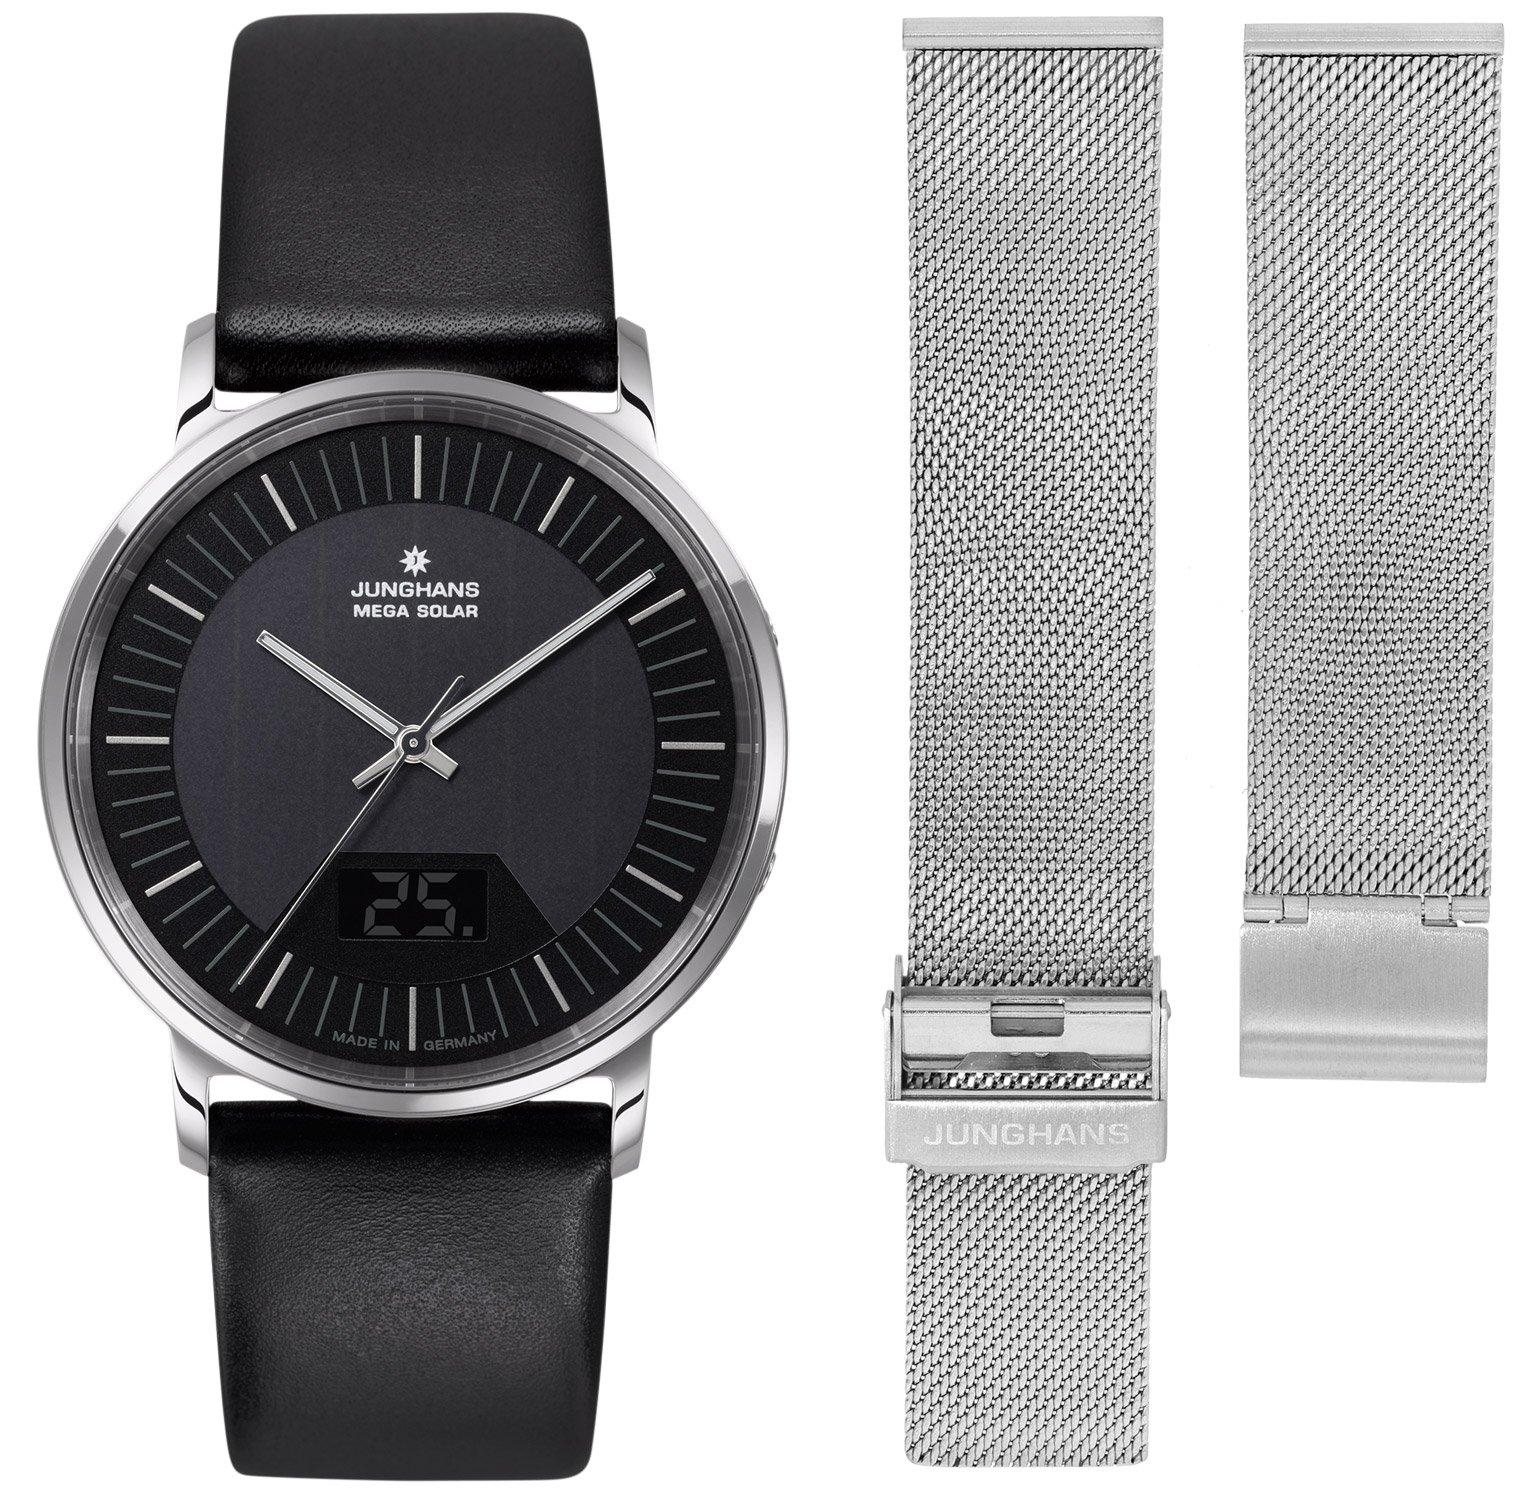 junghans uhren g nstig kaufen uhrcenter armbanduhren shop. Black Bedroom Furniture Sets. Home Design Ideas